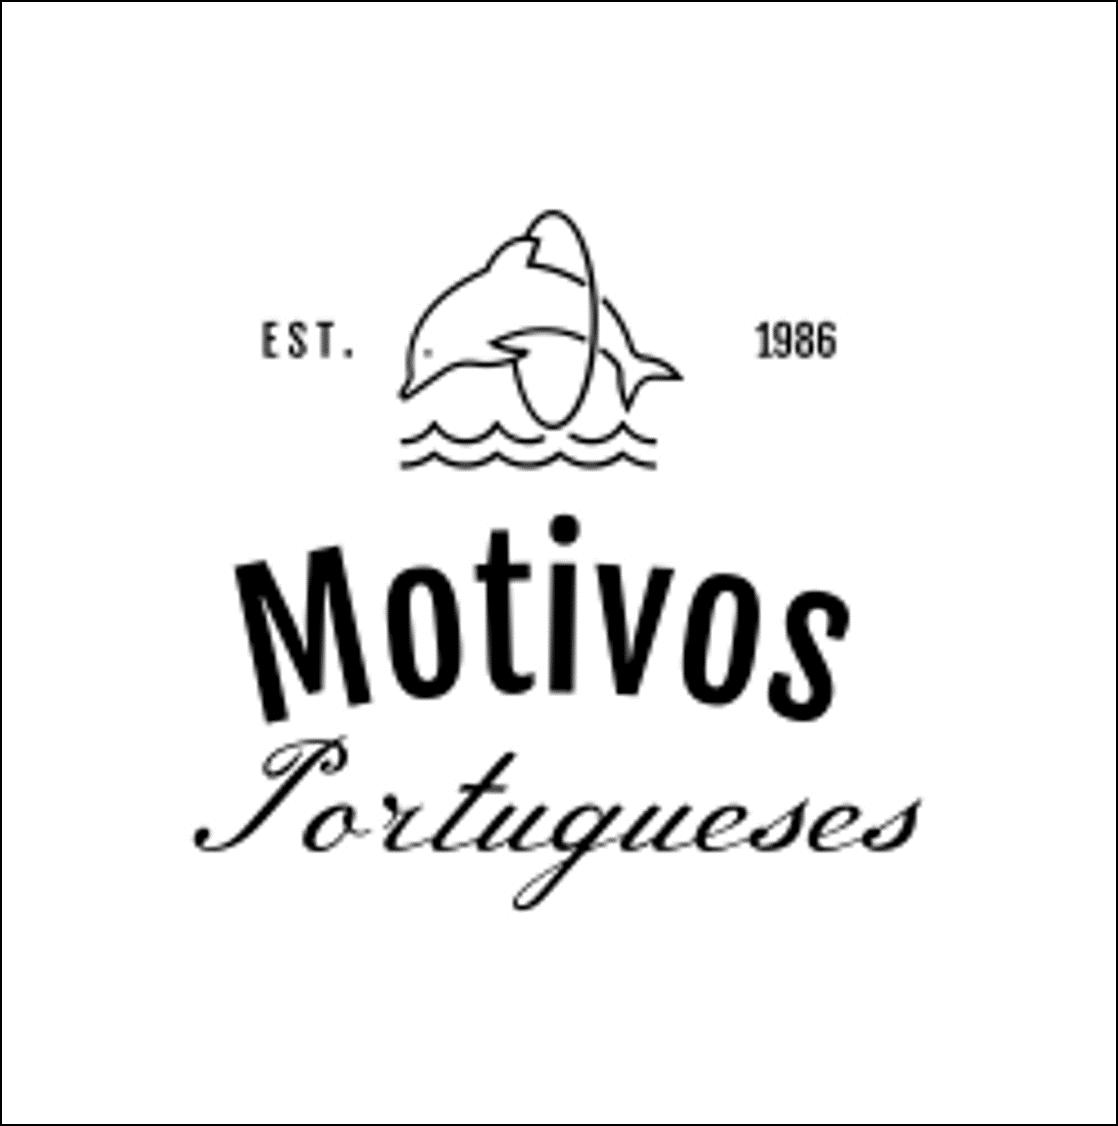 Motivos Portugueses